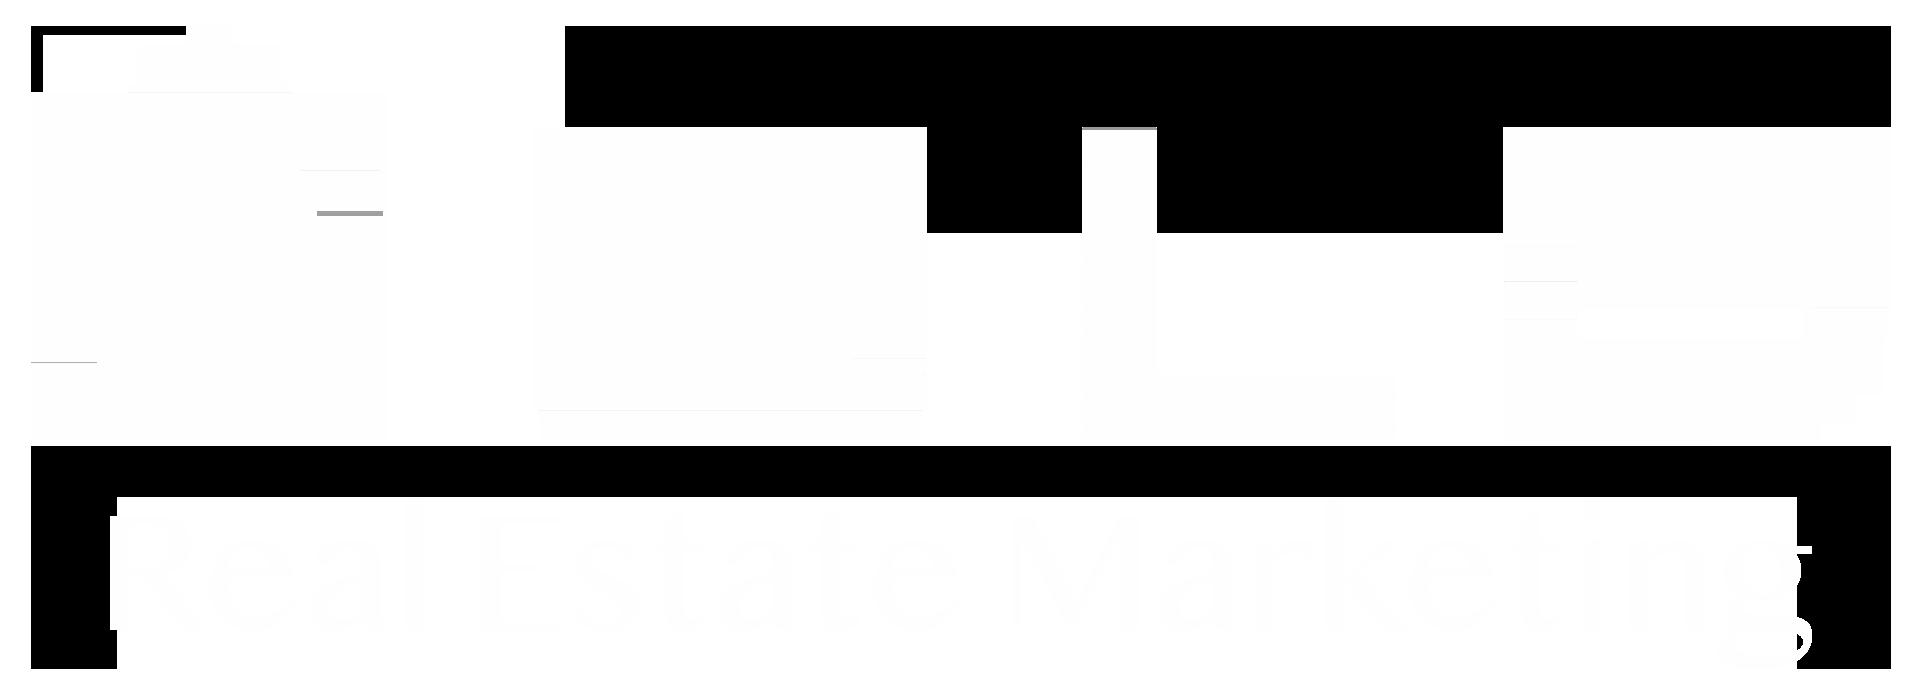 Sold Real Estate Marketing floor plan in Phoenix